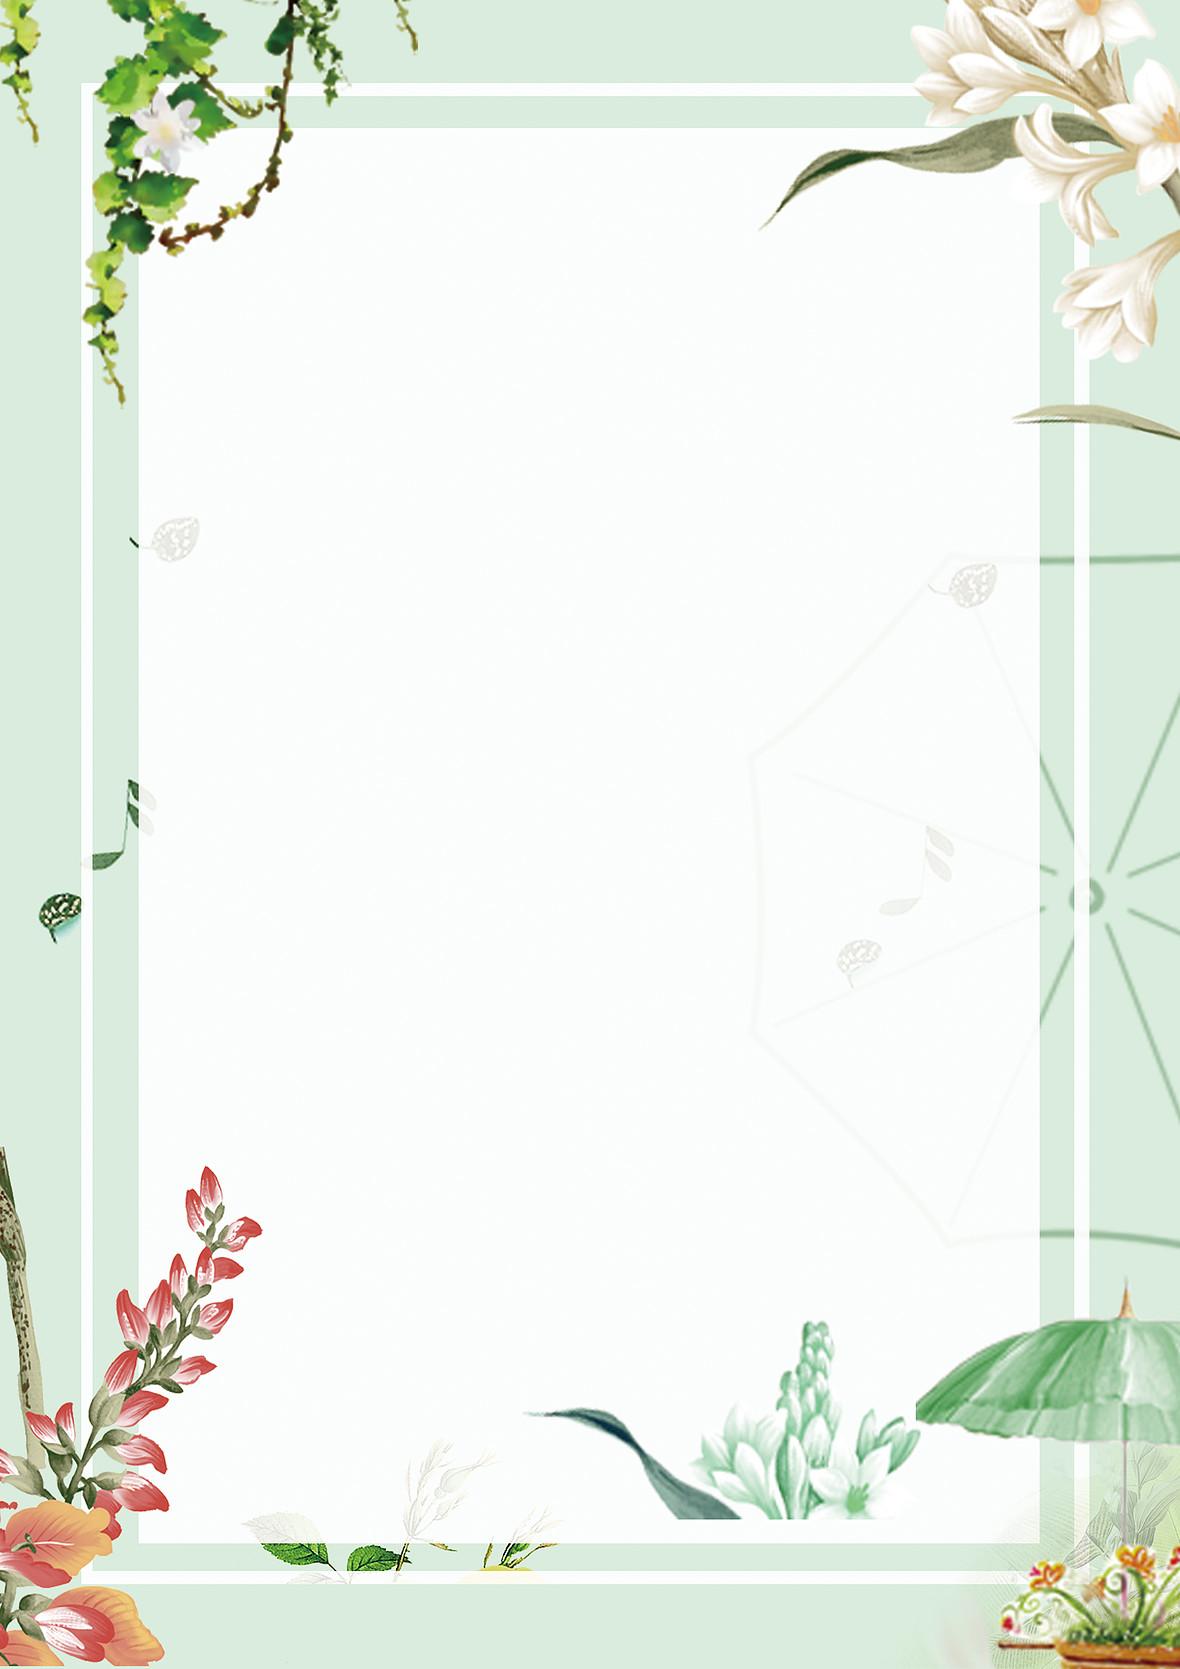 绿色清新唯美花卉装饰服装新品海报背景素材